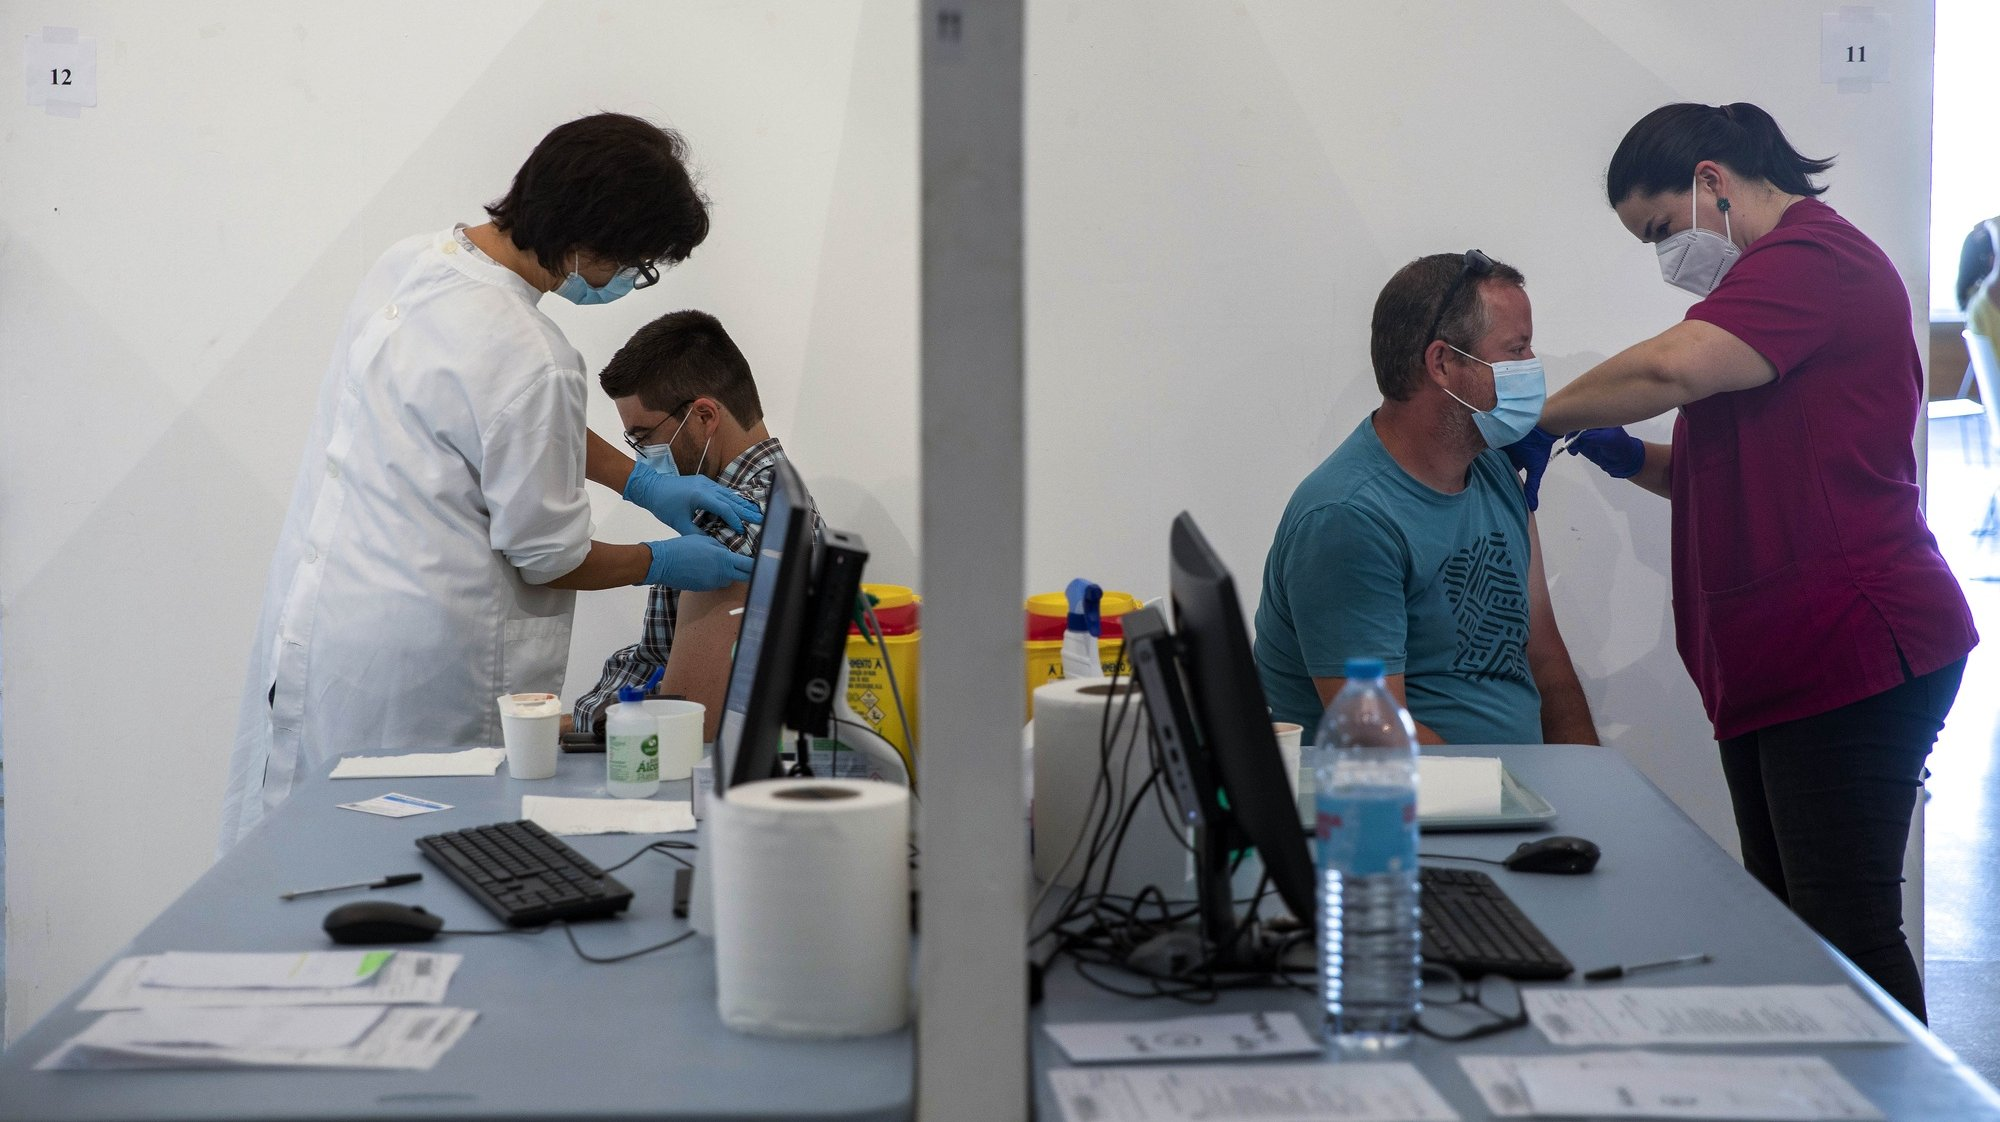 Profissionais de saúde administram a vacina contra a covid-19 a utentes, no Centro de Vacinação Covid-19, nas Portas do Mar, em Ponta Delgada, ilha de São Miguel, Açores, 08 de julho de 2021. A capacidade de resposta no Centro de Vacinação na cidade de Ponta Delgada foi aumentada, tendo agora a possibilidade de realizar 450 inoculações por dia. A ilha de São Miguel está em nível de Alto Risco de contágio, enquanto todos os concelhos das restantes oito ilhas estão em nível de Muito Baixo Risco. EDUARDO COSTA/LUSA